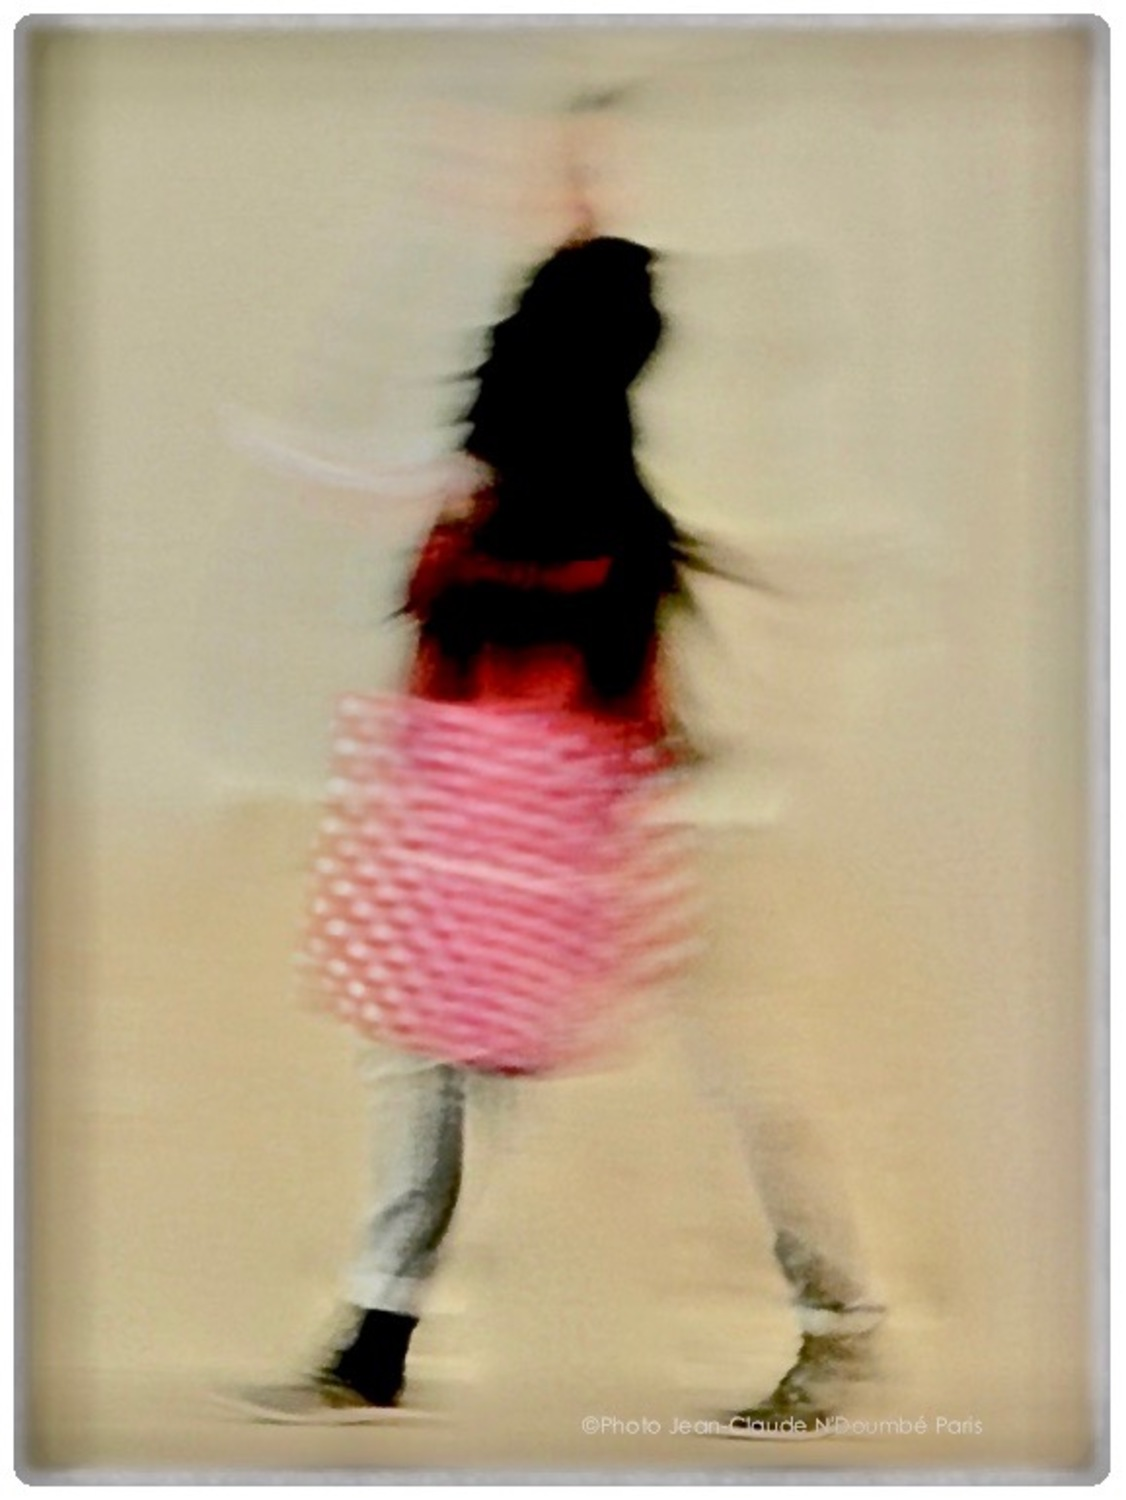 Large  miss shopping  paris2017  tirage pro pigmentaire baryte hahnemuhle  cadre nielsen bois noir  40x50  passe partout fenetre 24x36  450